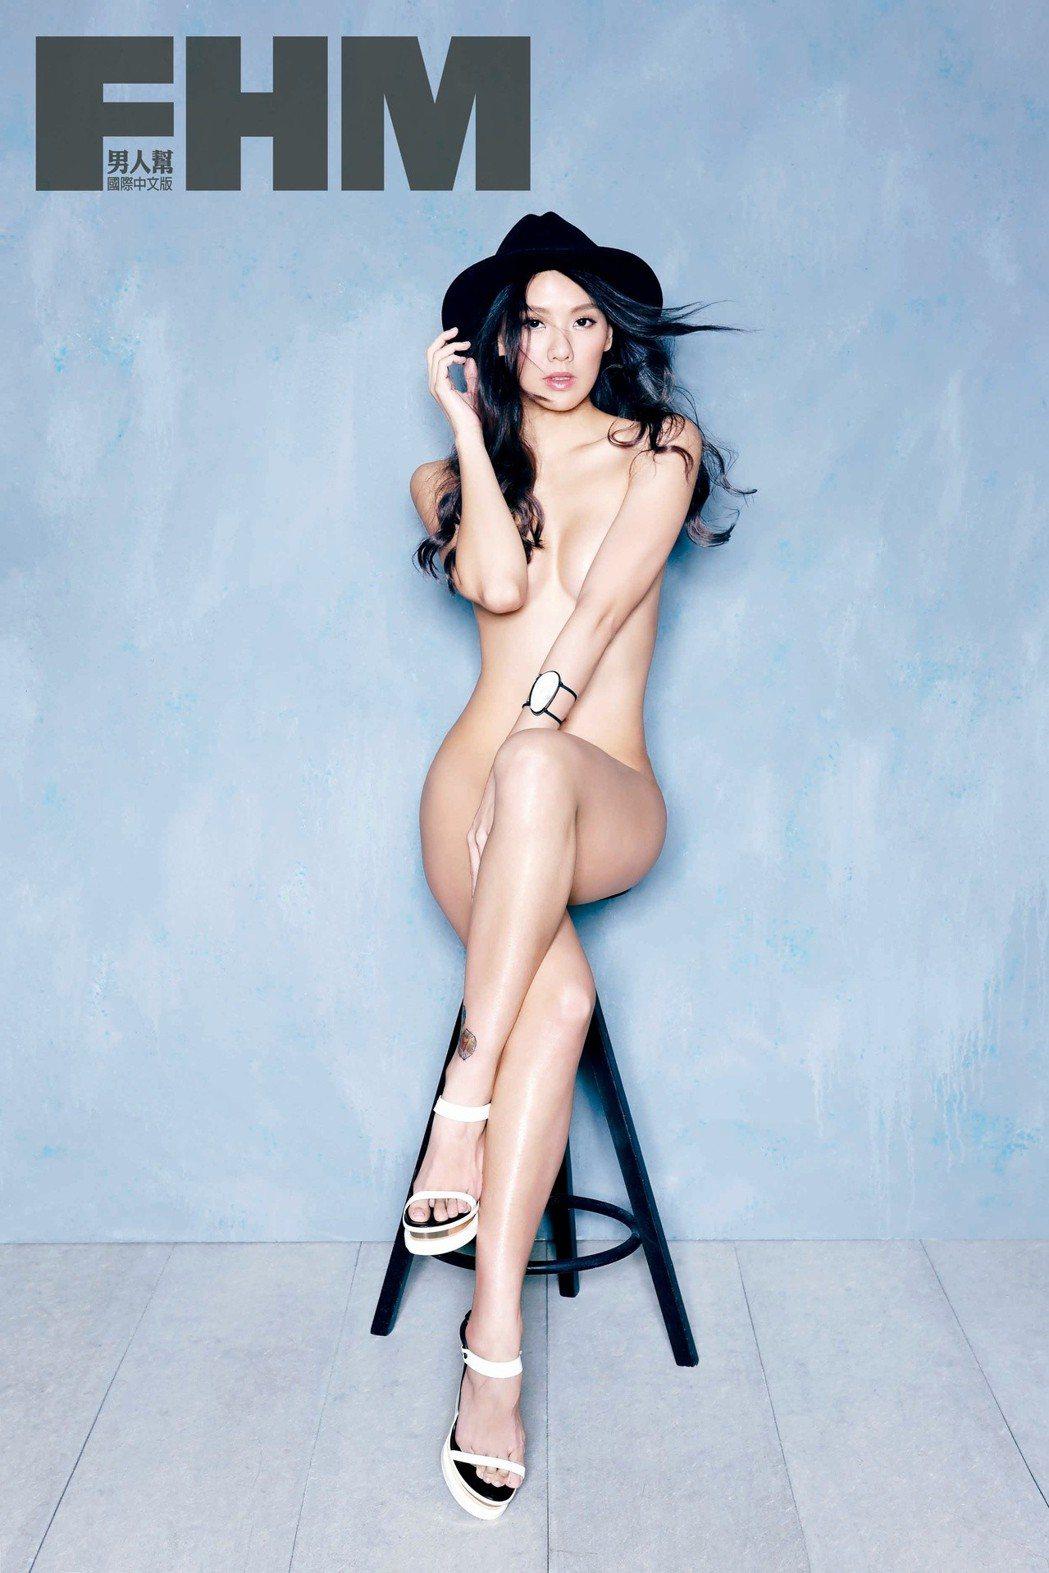 劉雨柔為拍攝雜誌幾乎全裸。圖/FHM男人幫國際中文版提供